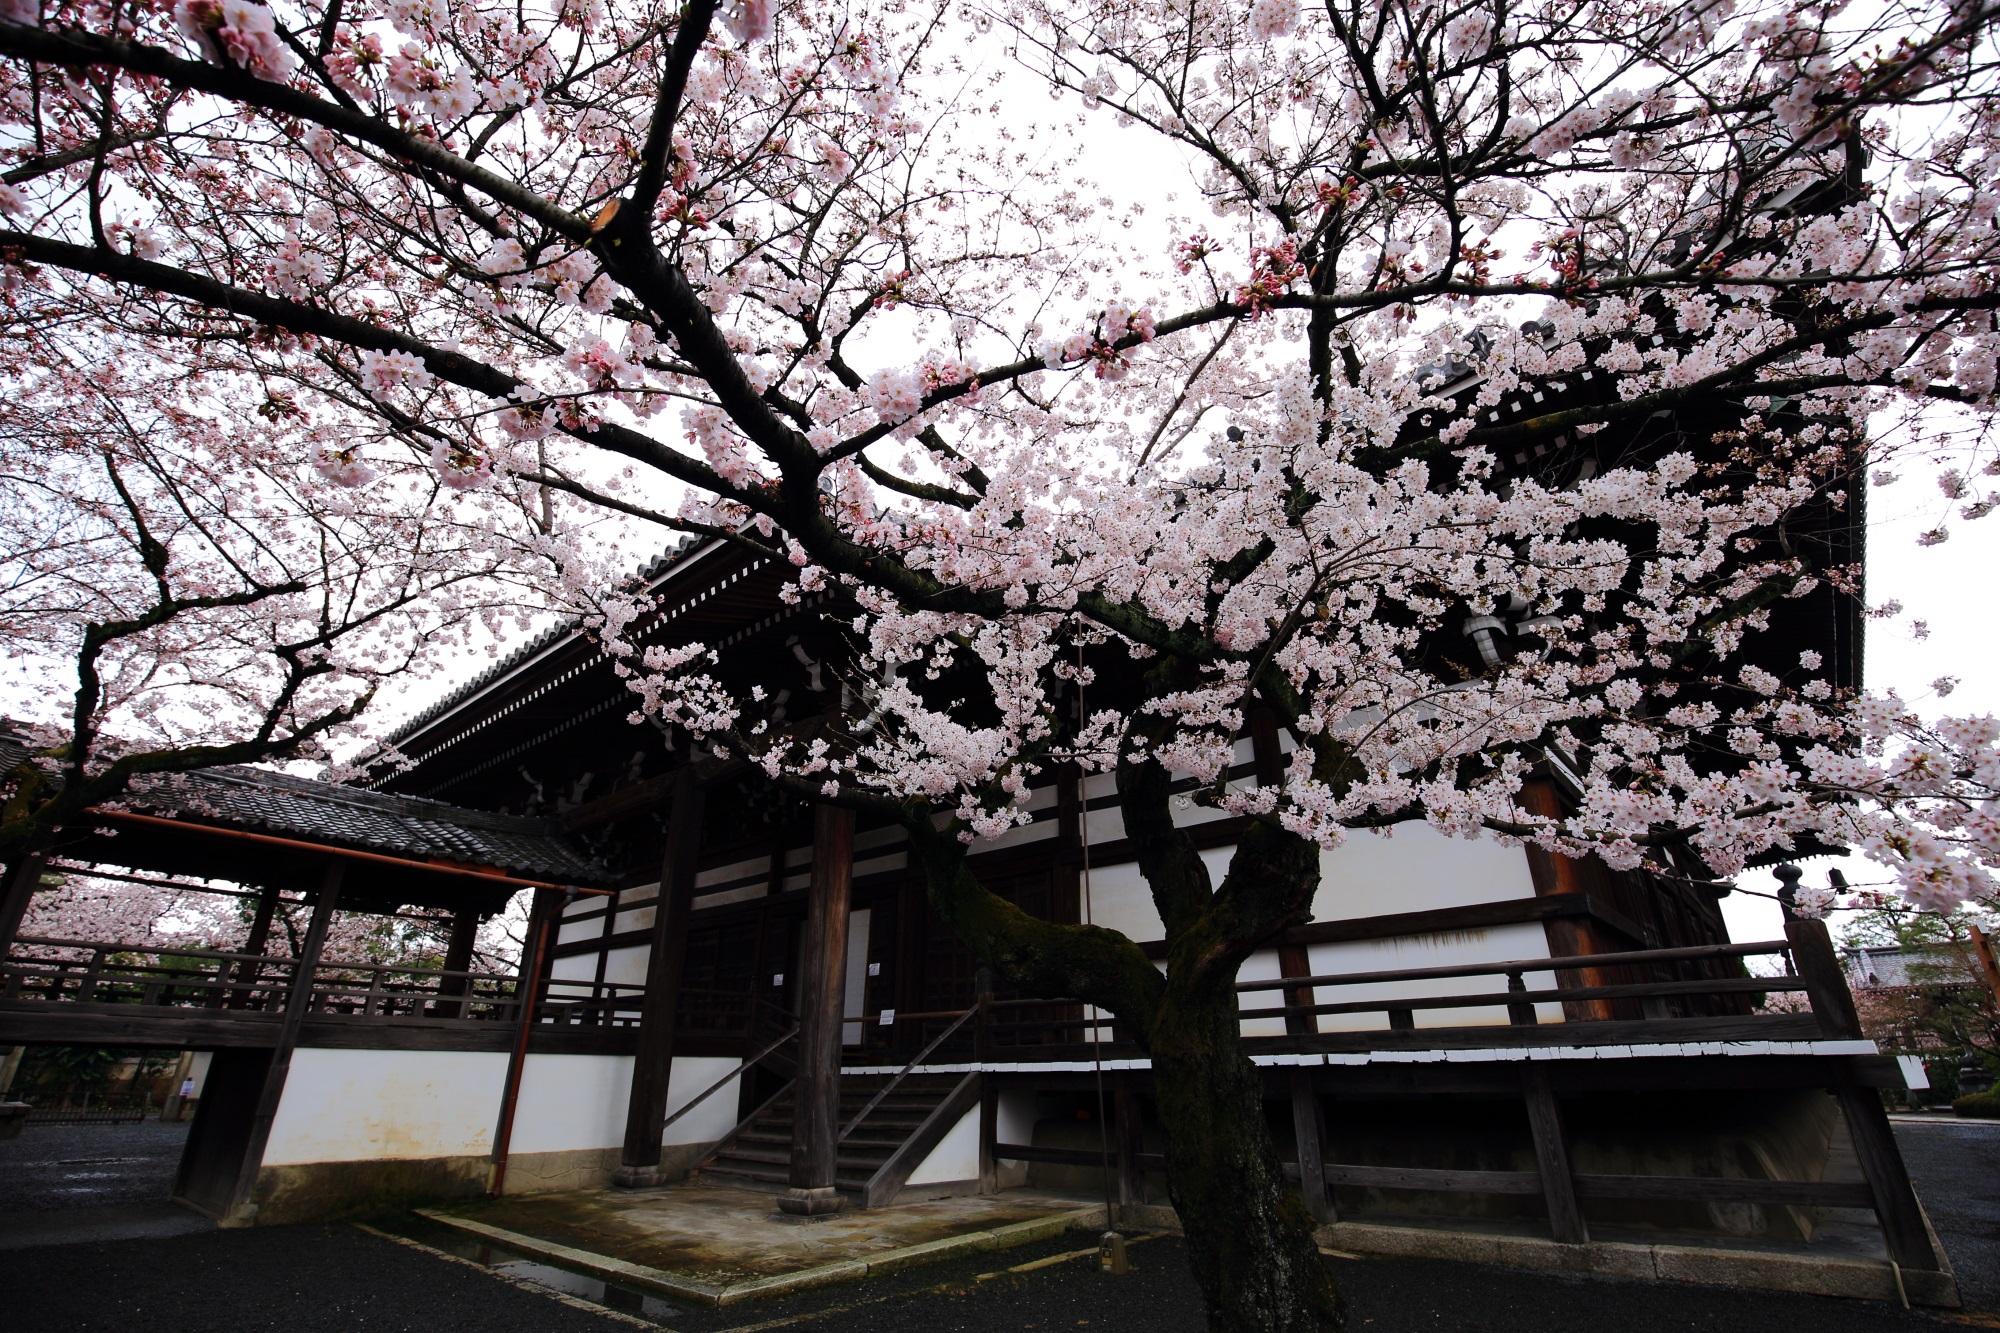 桜の穴場の妙顕寺(みょうけんじ)の満開の桜